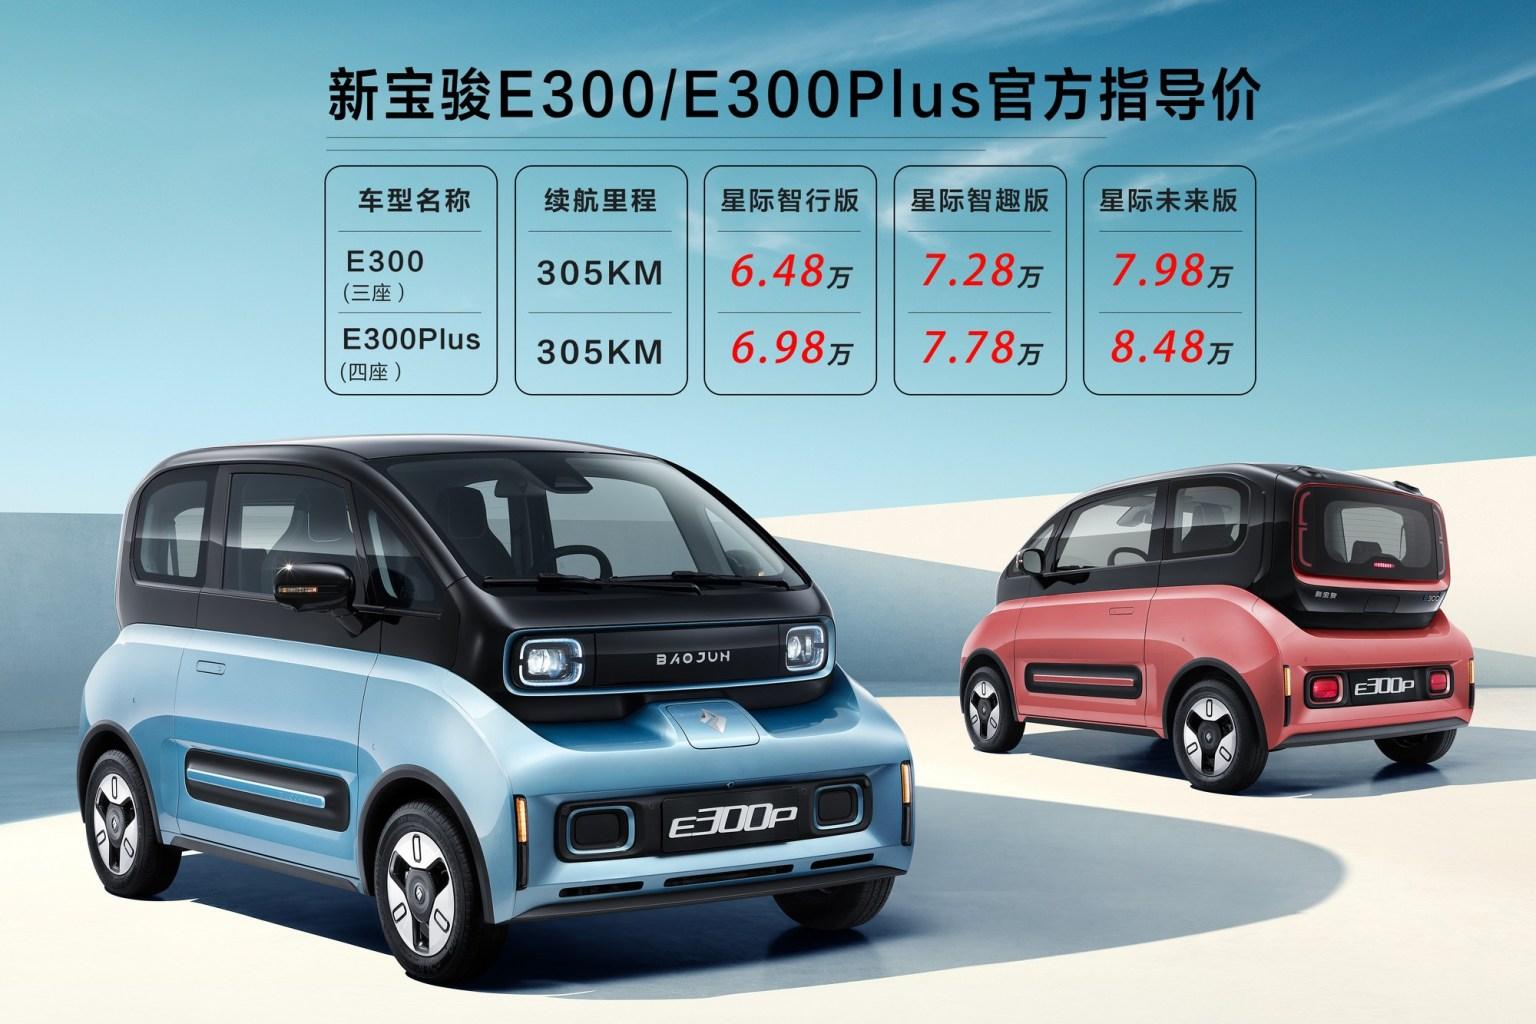 Китайският бранд Baojun представи градски електромобили с цена $9000